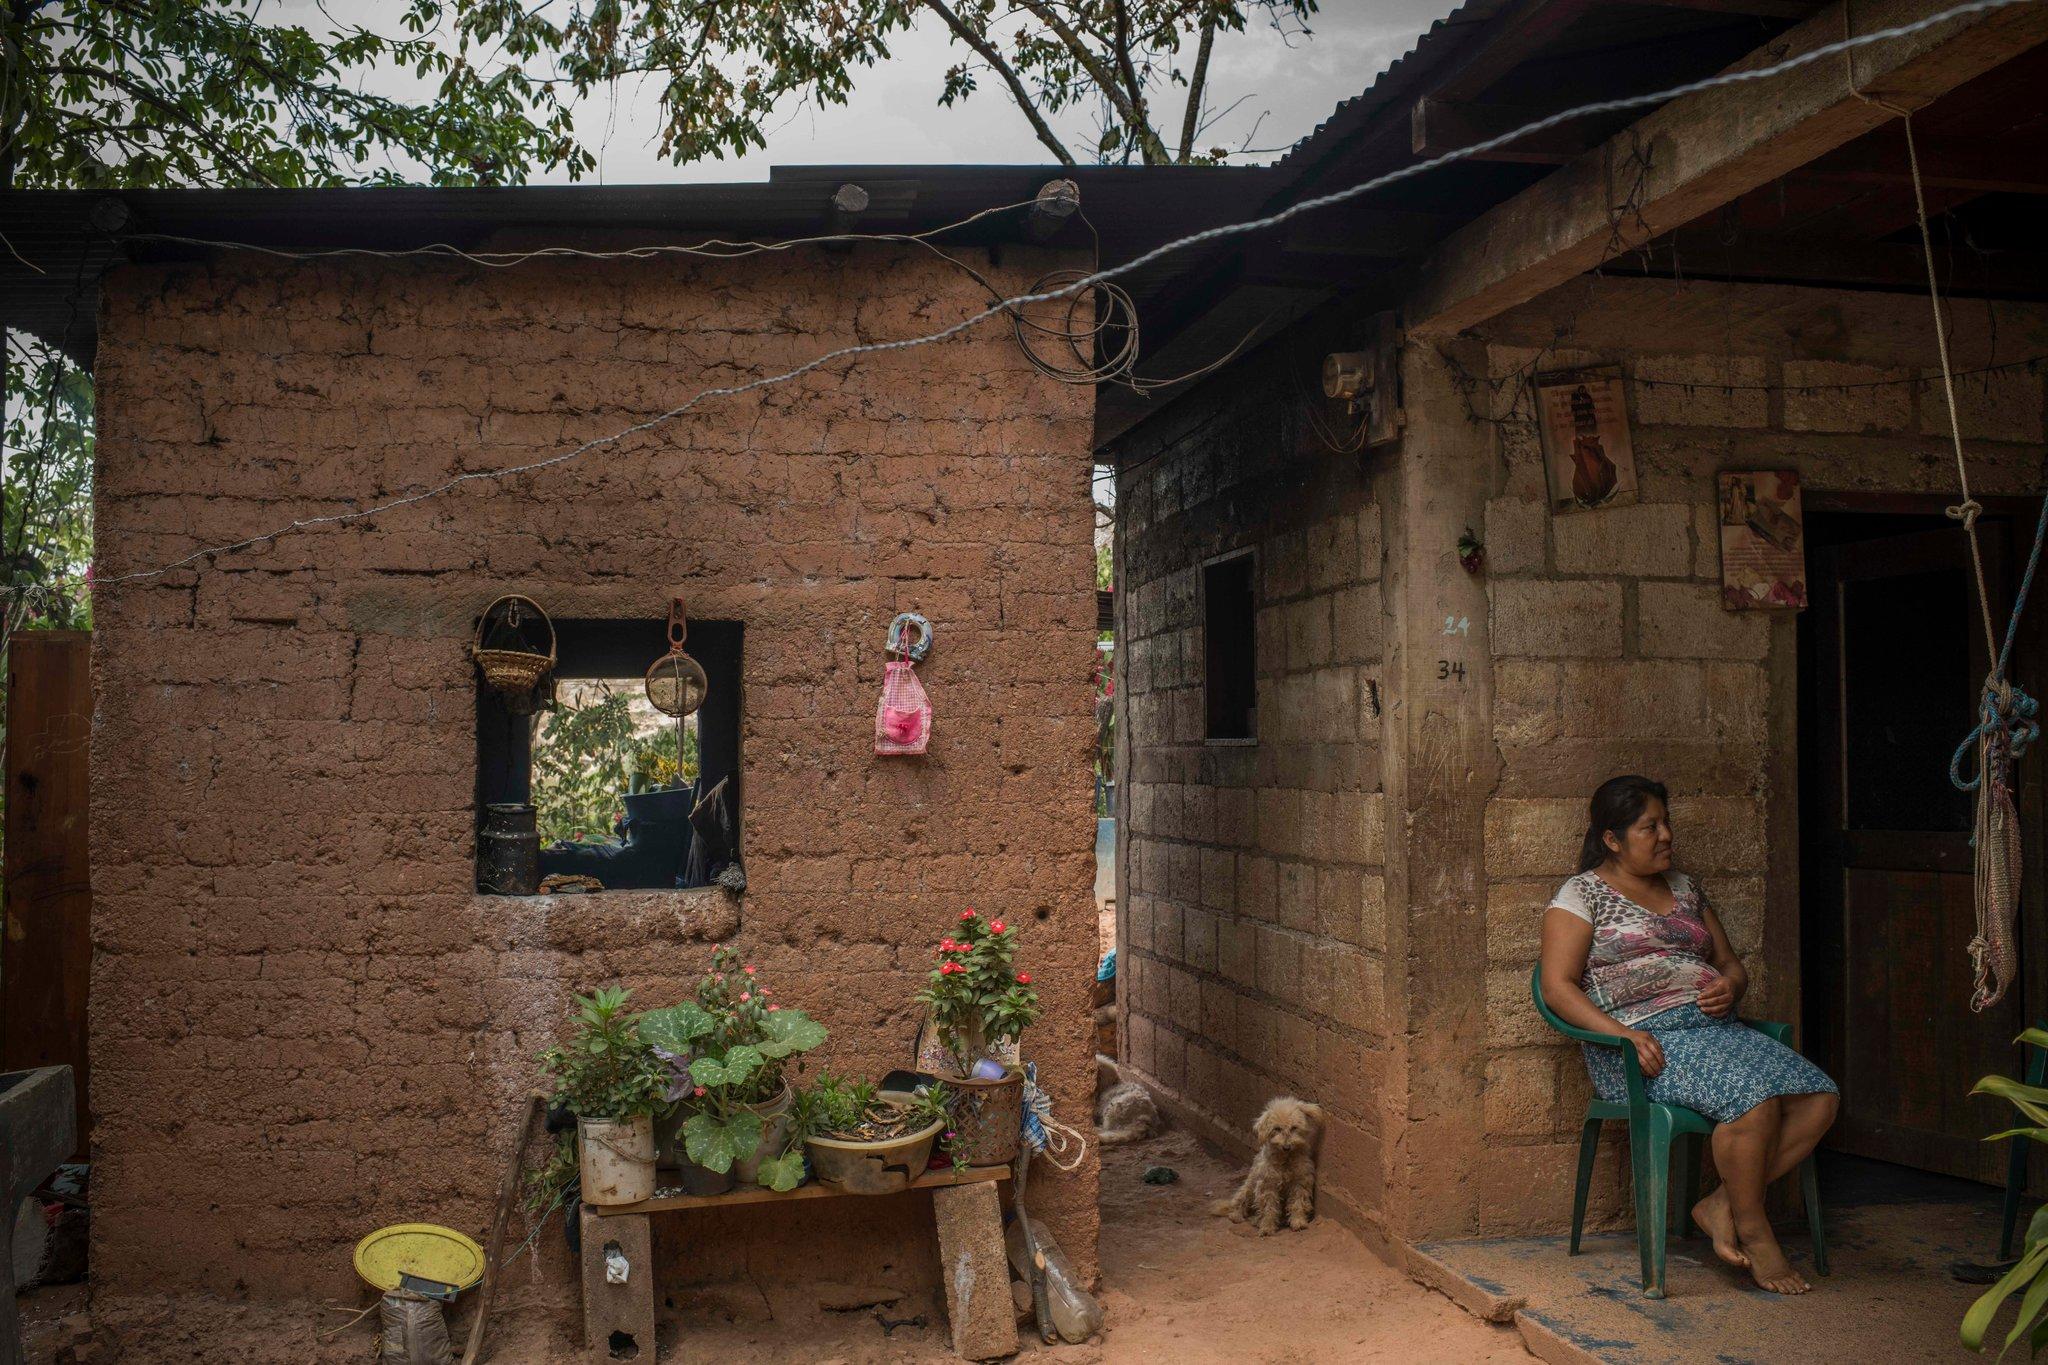 Candelaria Sales García, la esposa de Rigoberto Pablo, en el patio de su casa (Daniele Volpe para The New York Times)